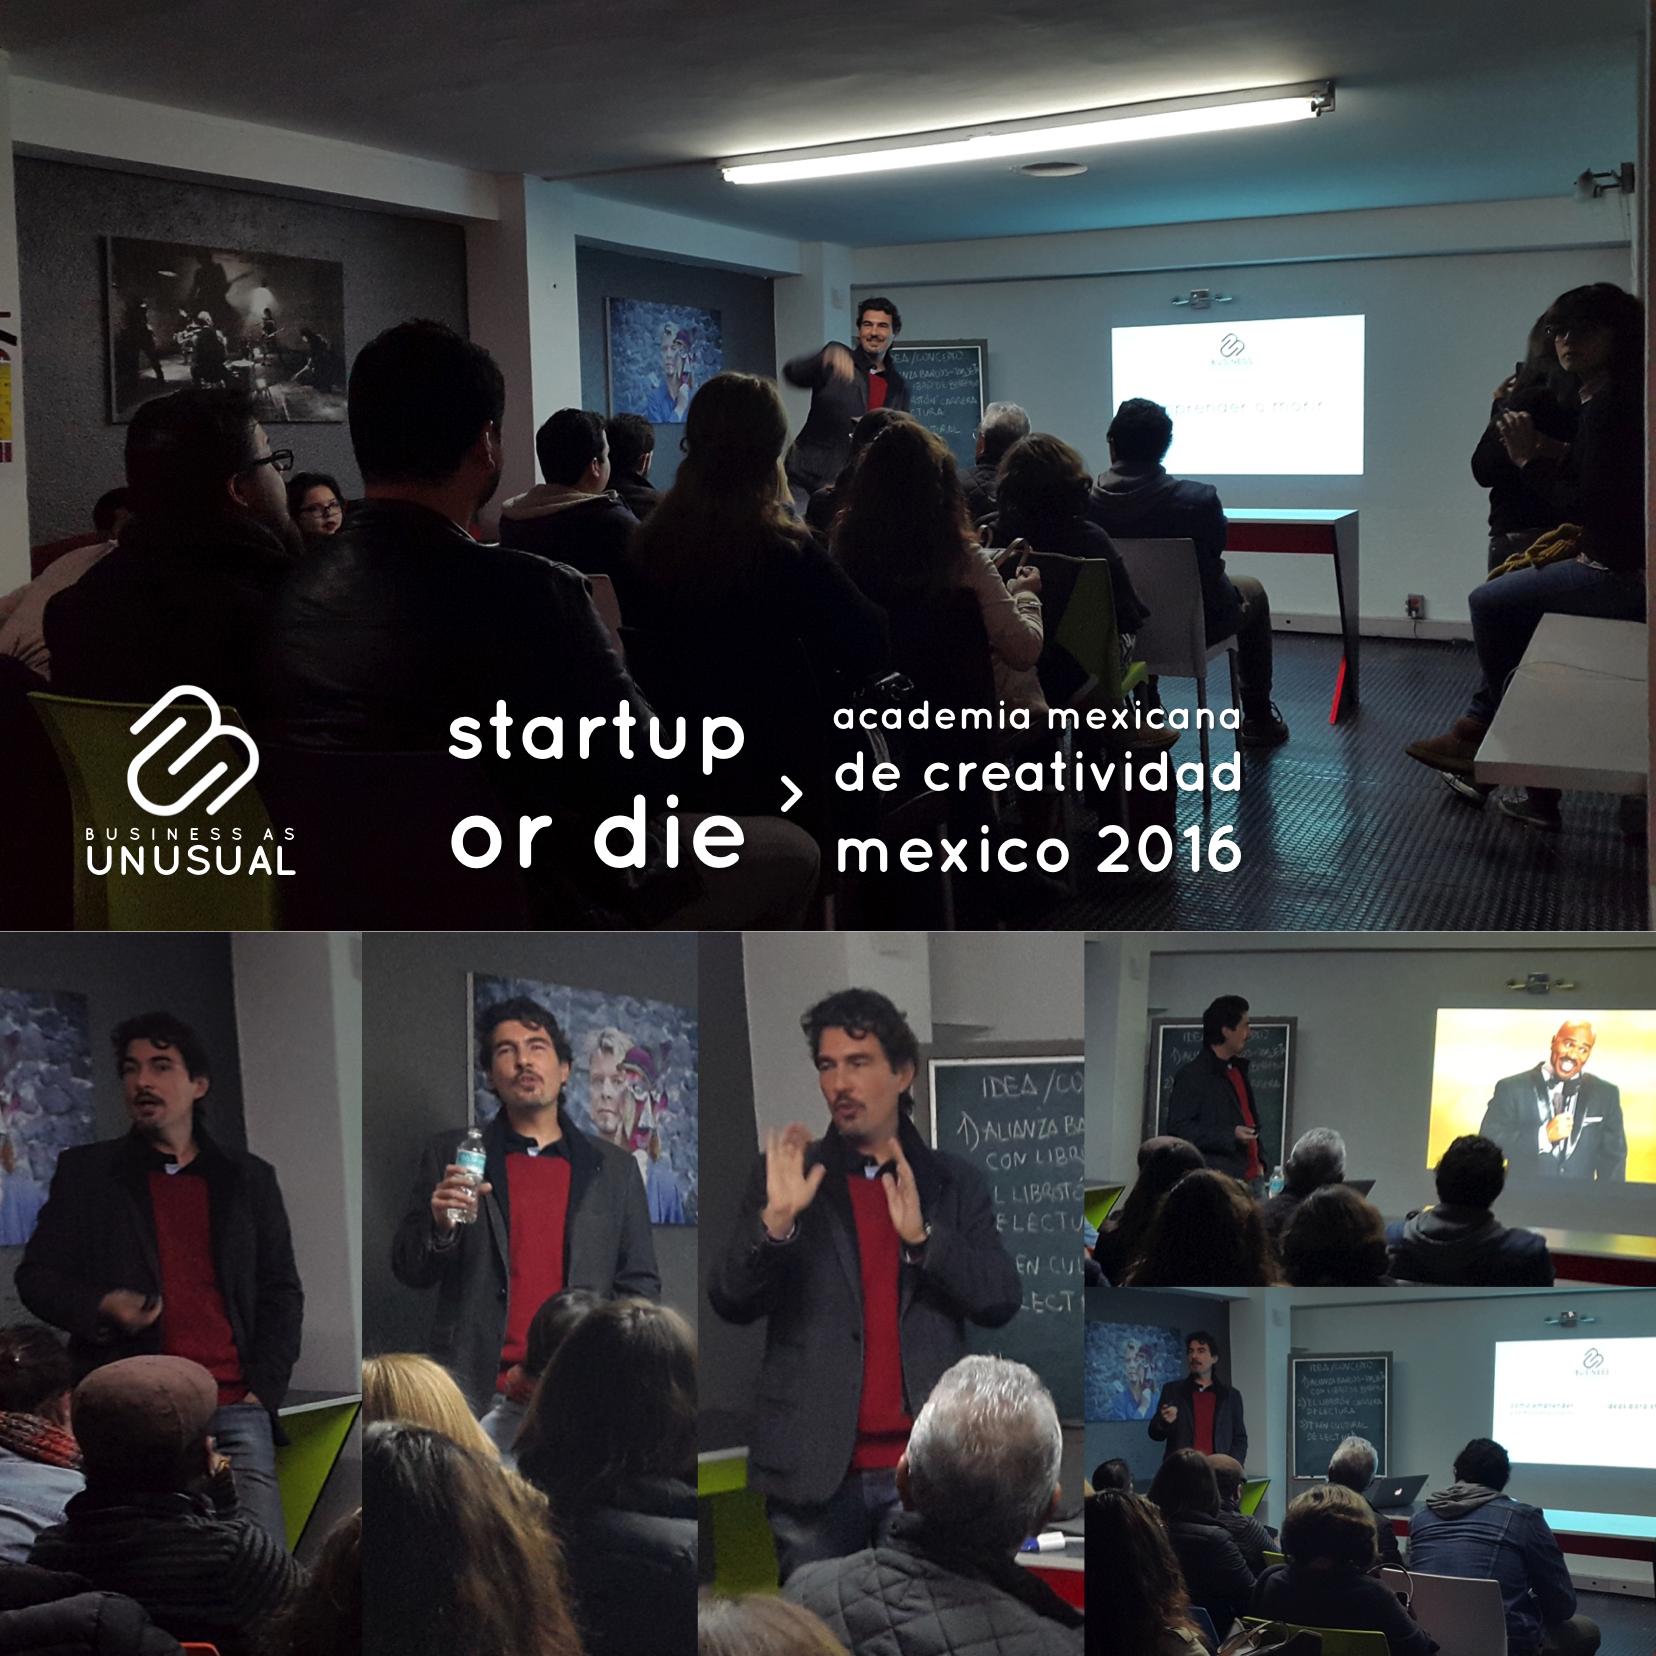 Academia Mexicana de Creatividad - Startup or Die